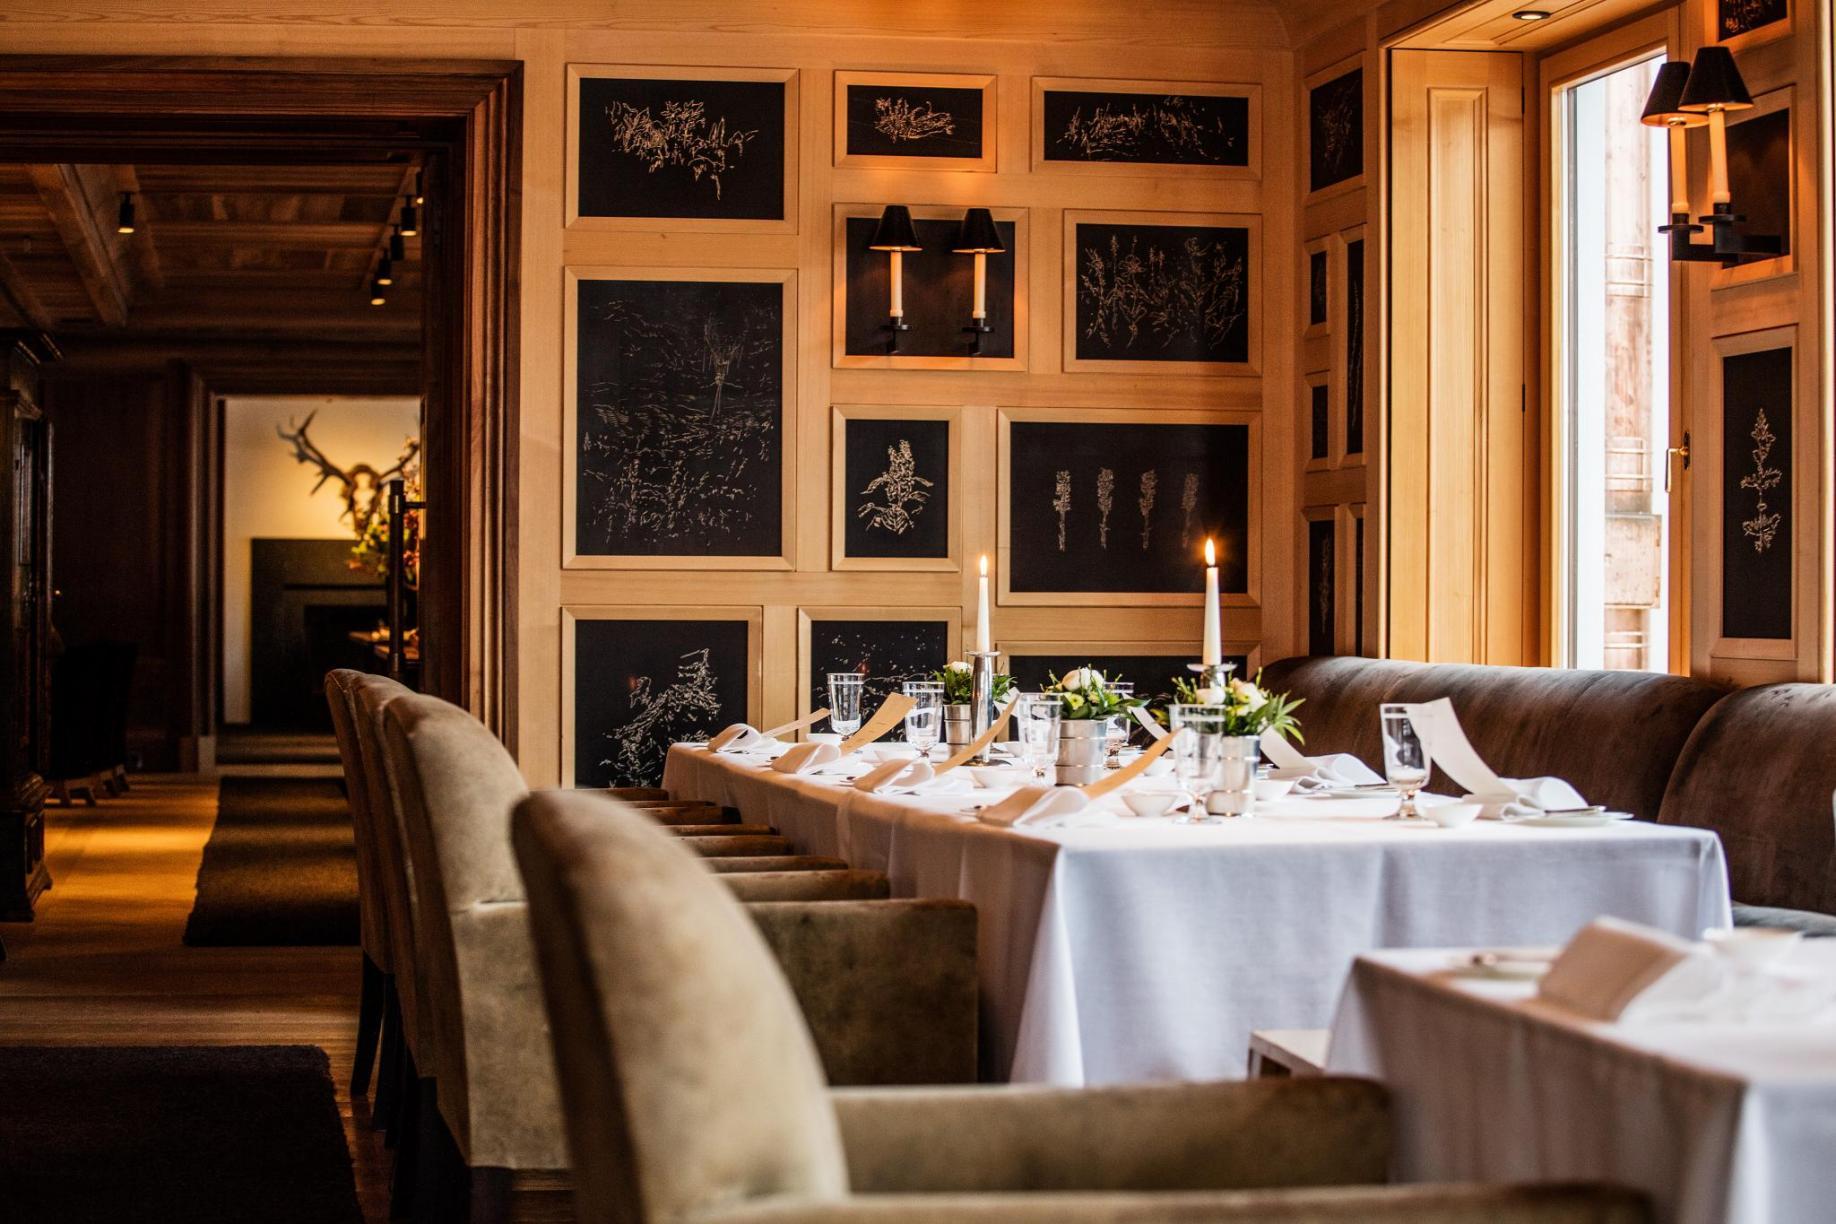 Restaurant im Hotel Almhof Schneider in Lech am Arlberg mit Holzschnitt-Tafeln von Christian Thanhäuser